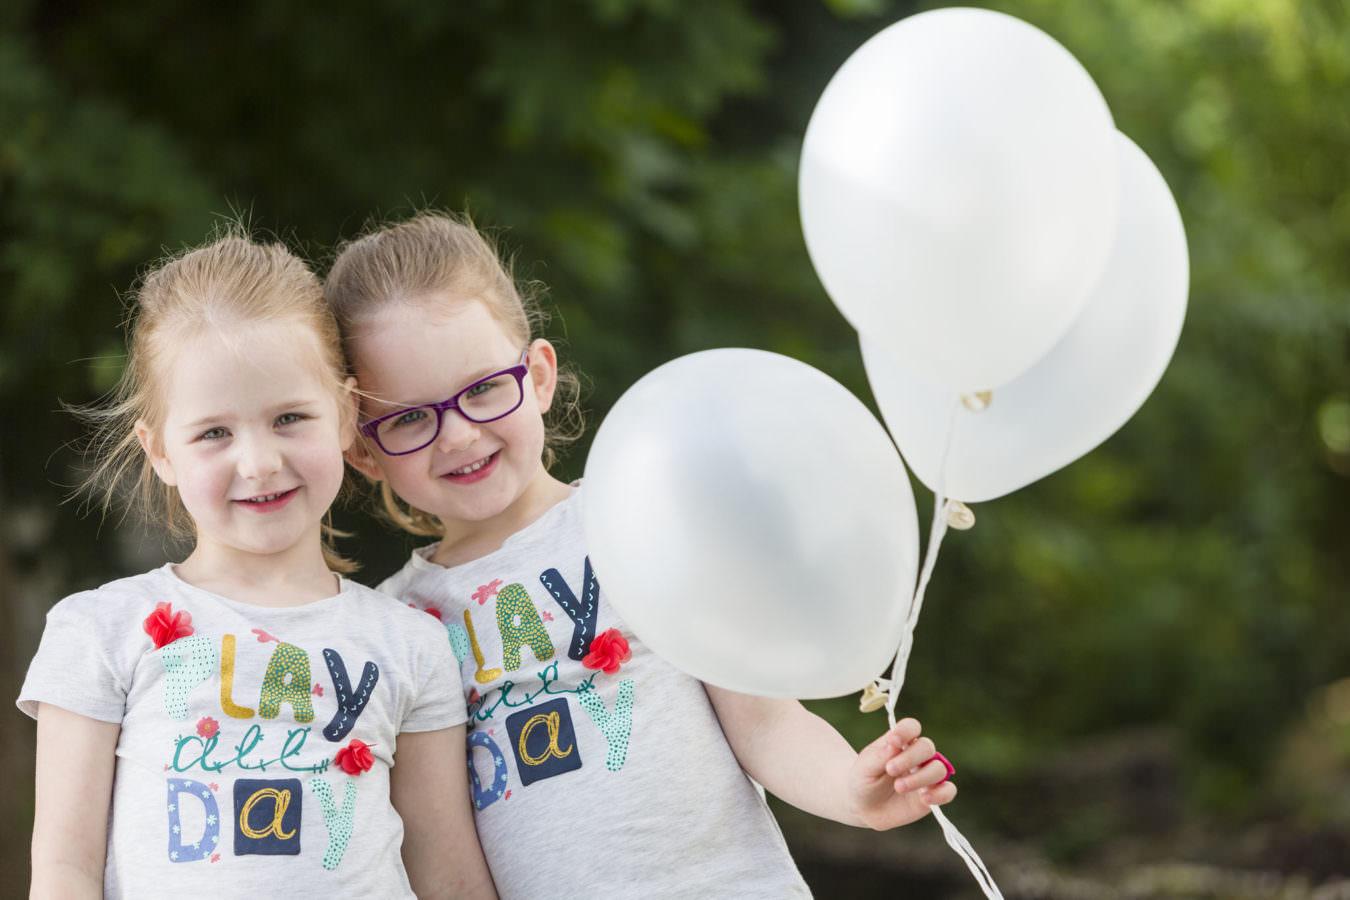 Kita Fotograf hat Zwillinge im Freien, die weiße Ballons halten, abgelichtet